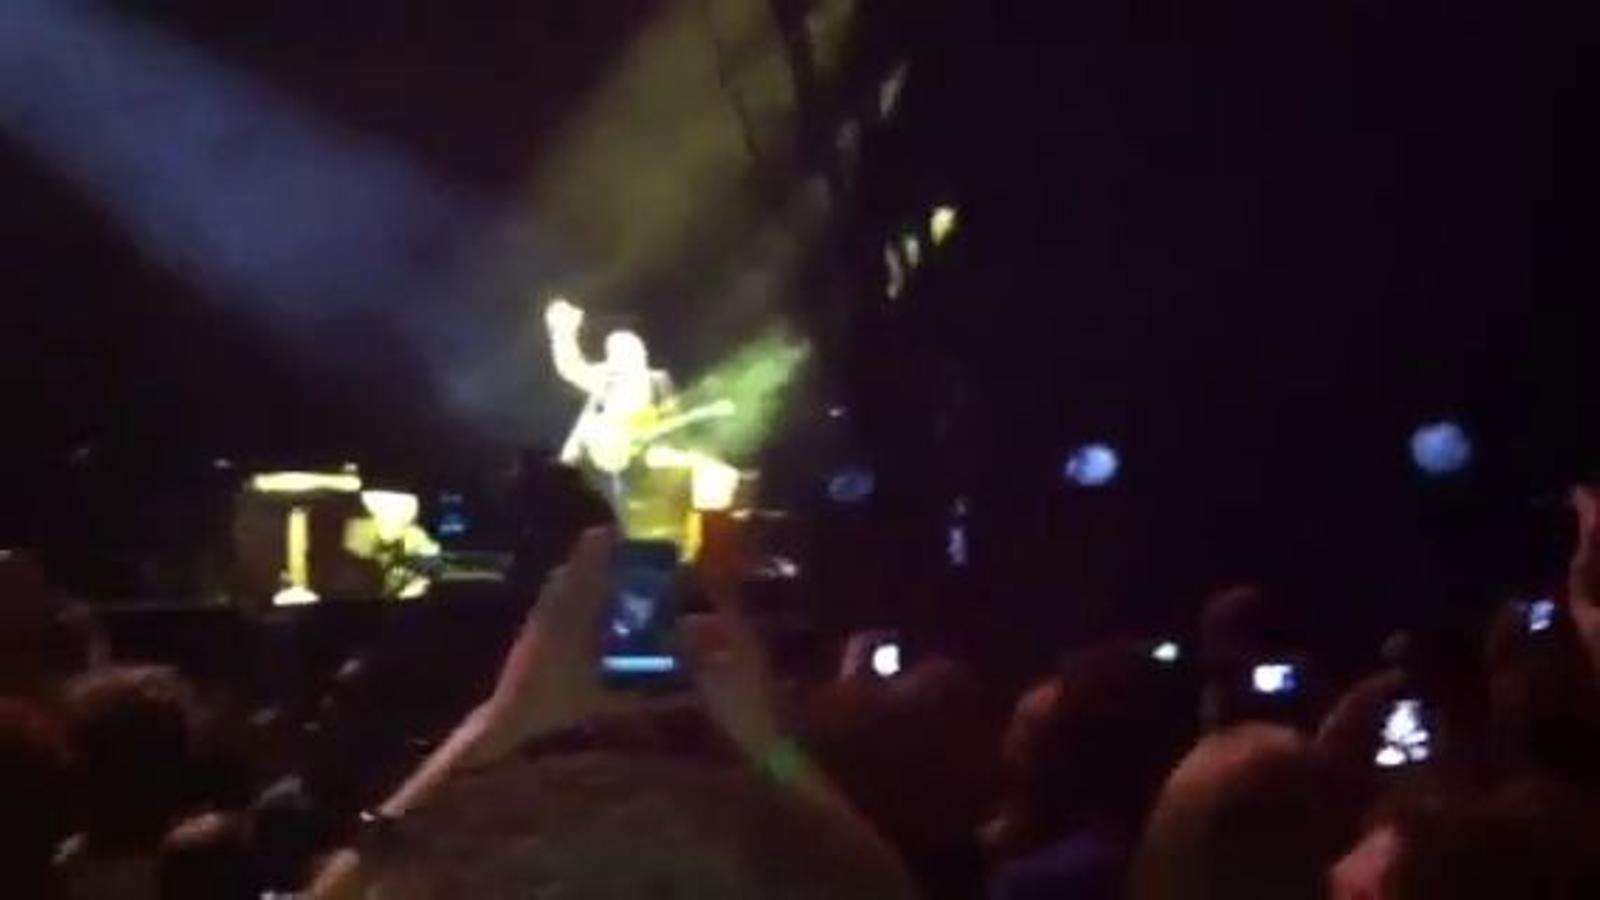 El tribut de Coldplay a R.E.M.: 'Everybody hurts'